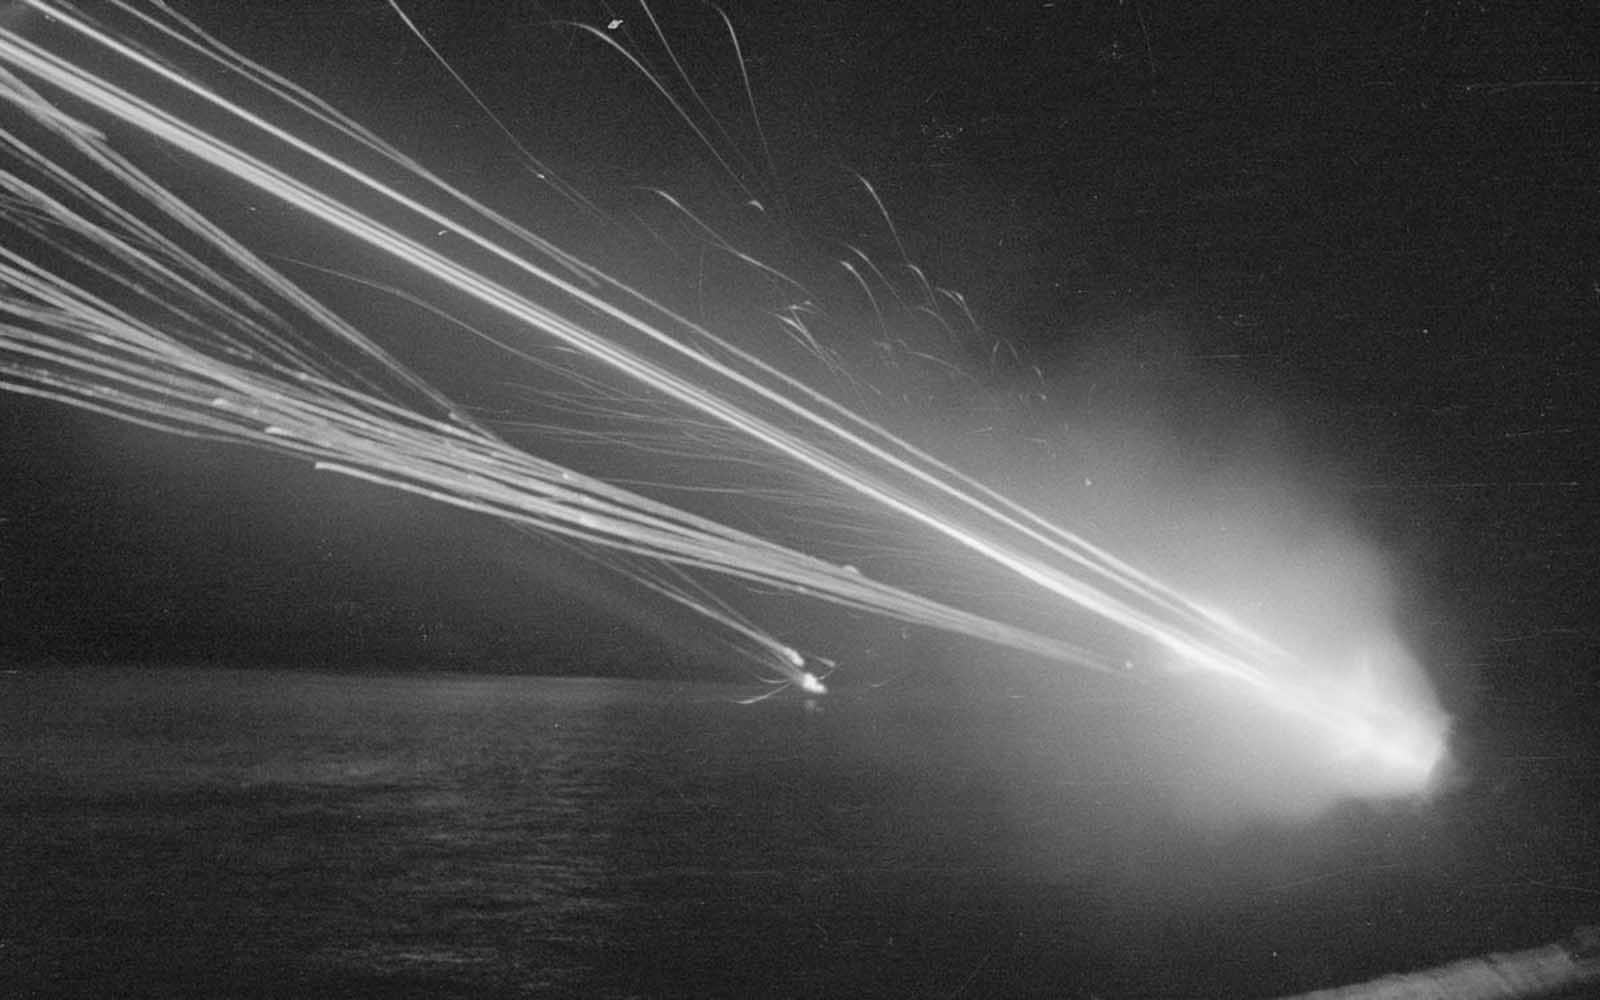 Destellos de boca saludan a los bombarderos enemigos. Fotografía tomada durante los ataques con bomba en abril-mayo de 1943.